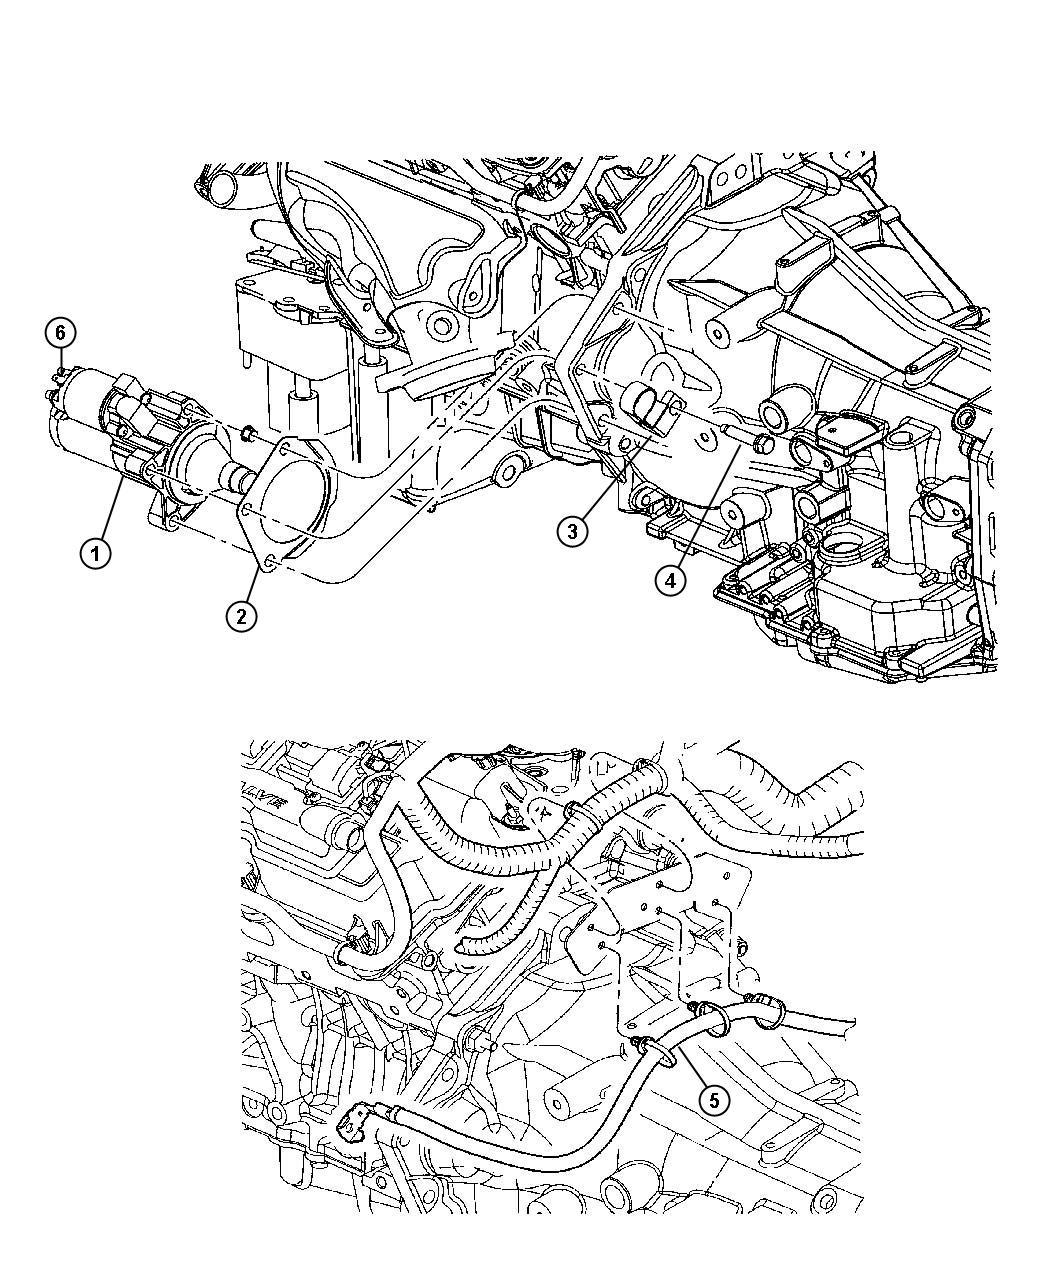 2010 Chrysler Sebring Starter  Engine  Module  Maintenance